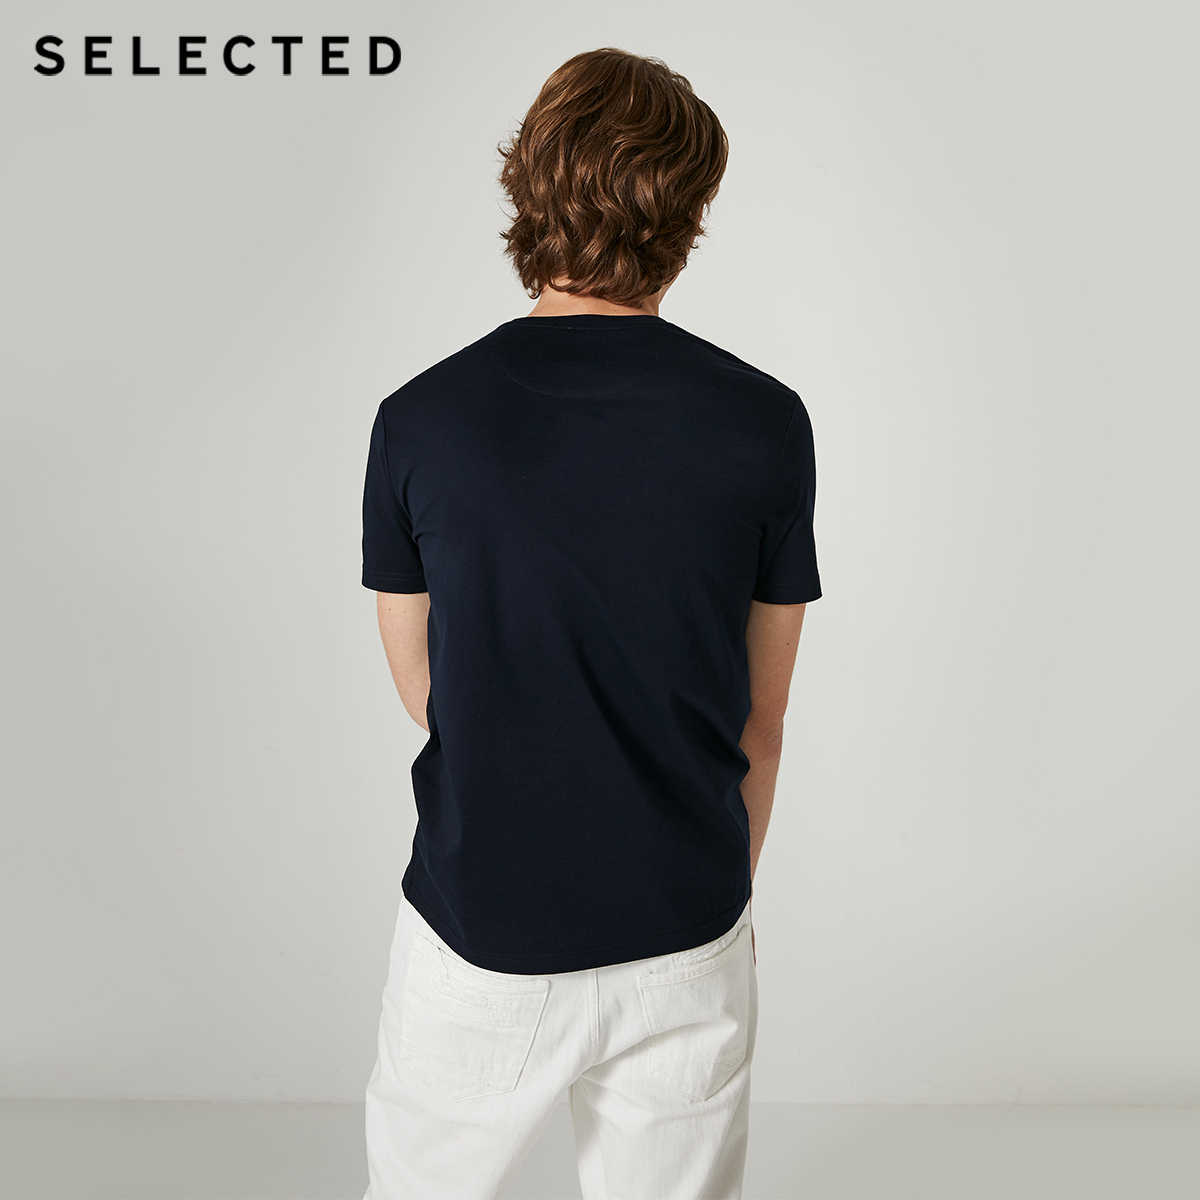 選択された男性の夏 100% 綿のプリント半袖 Tシャツ S | 419301513